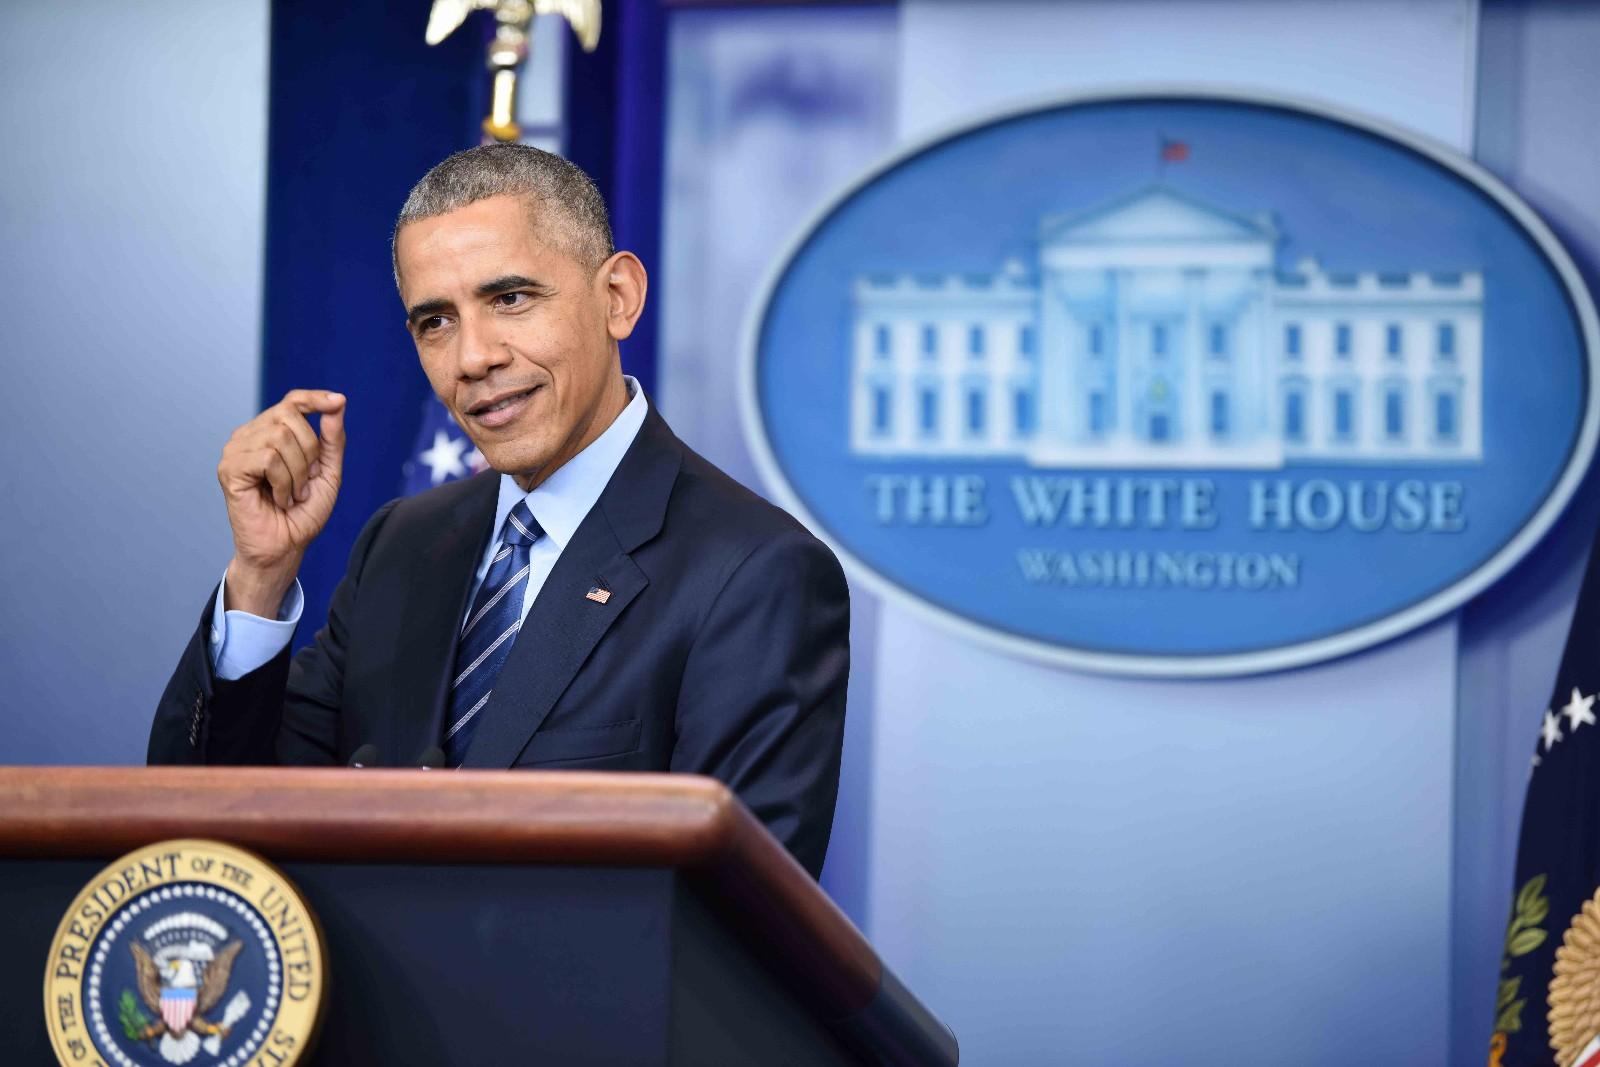 奥巴马夫妇拍摄的《美国工厂》大火,其发行公司却存在商标争议